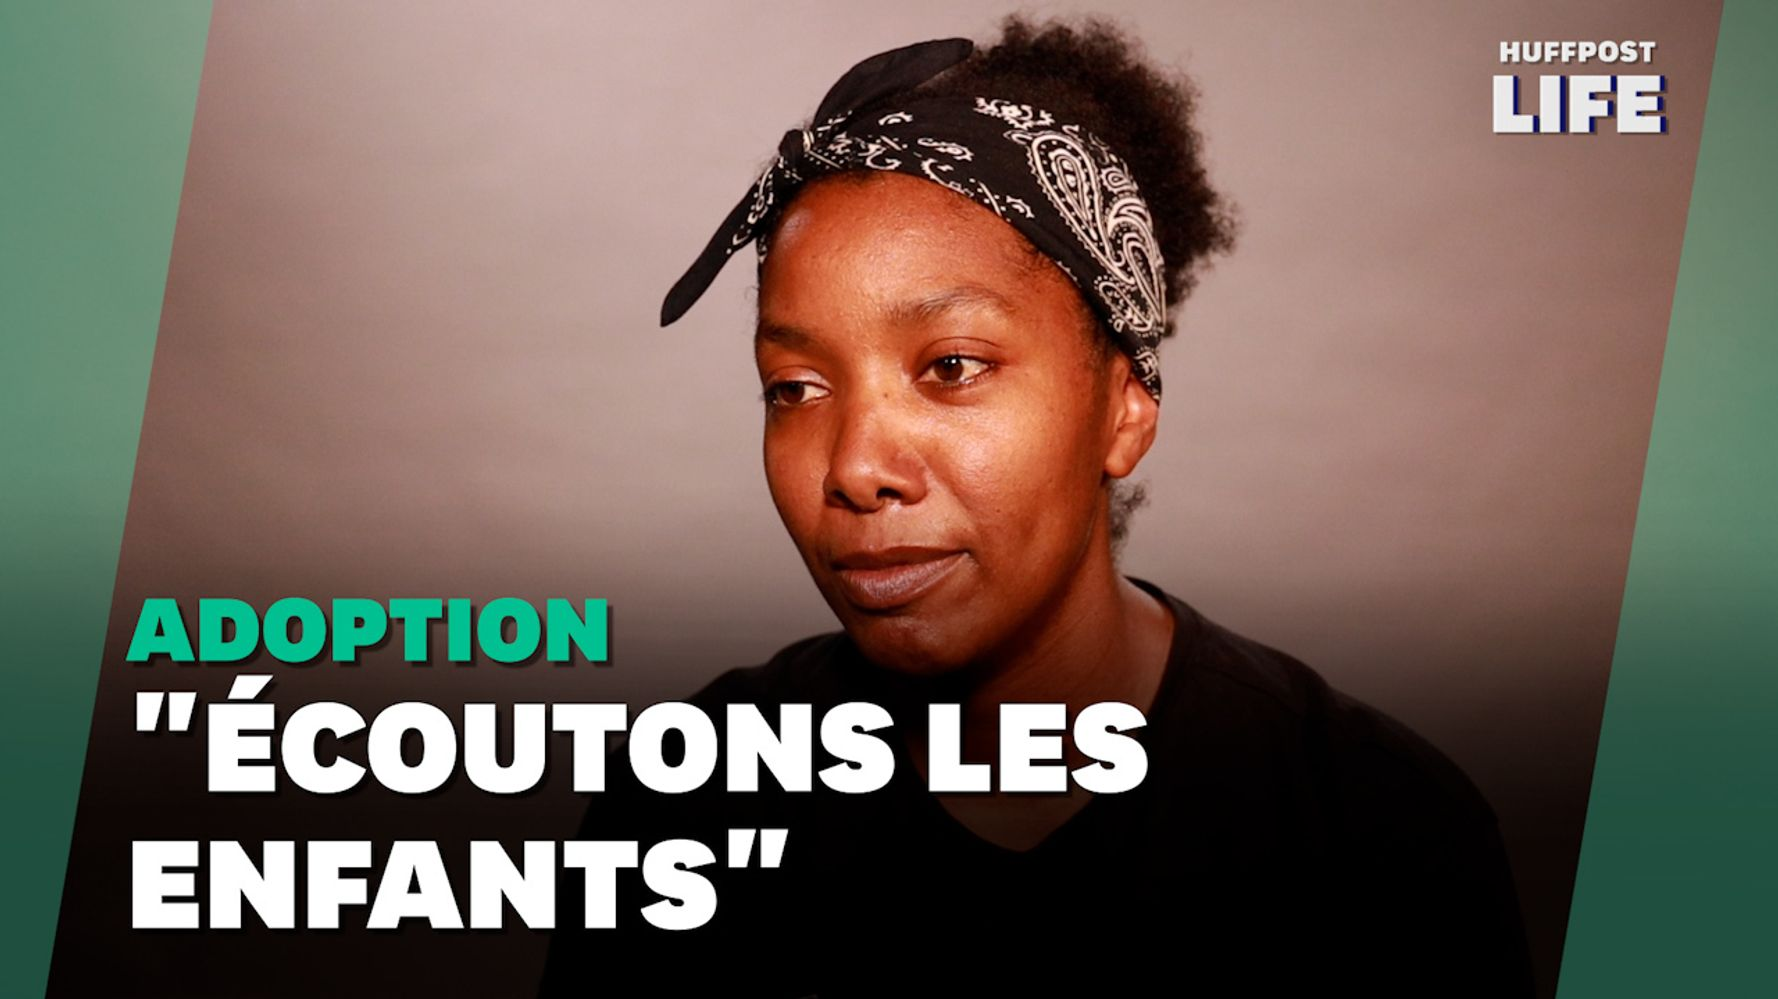 Racisme, acculturation… comment accompagner un enfant adopté à l'international?